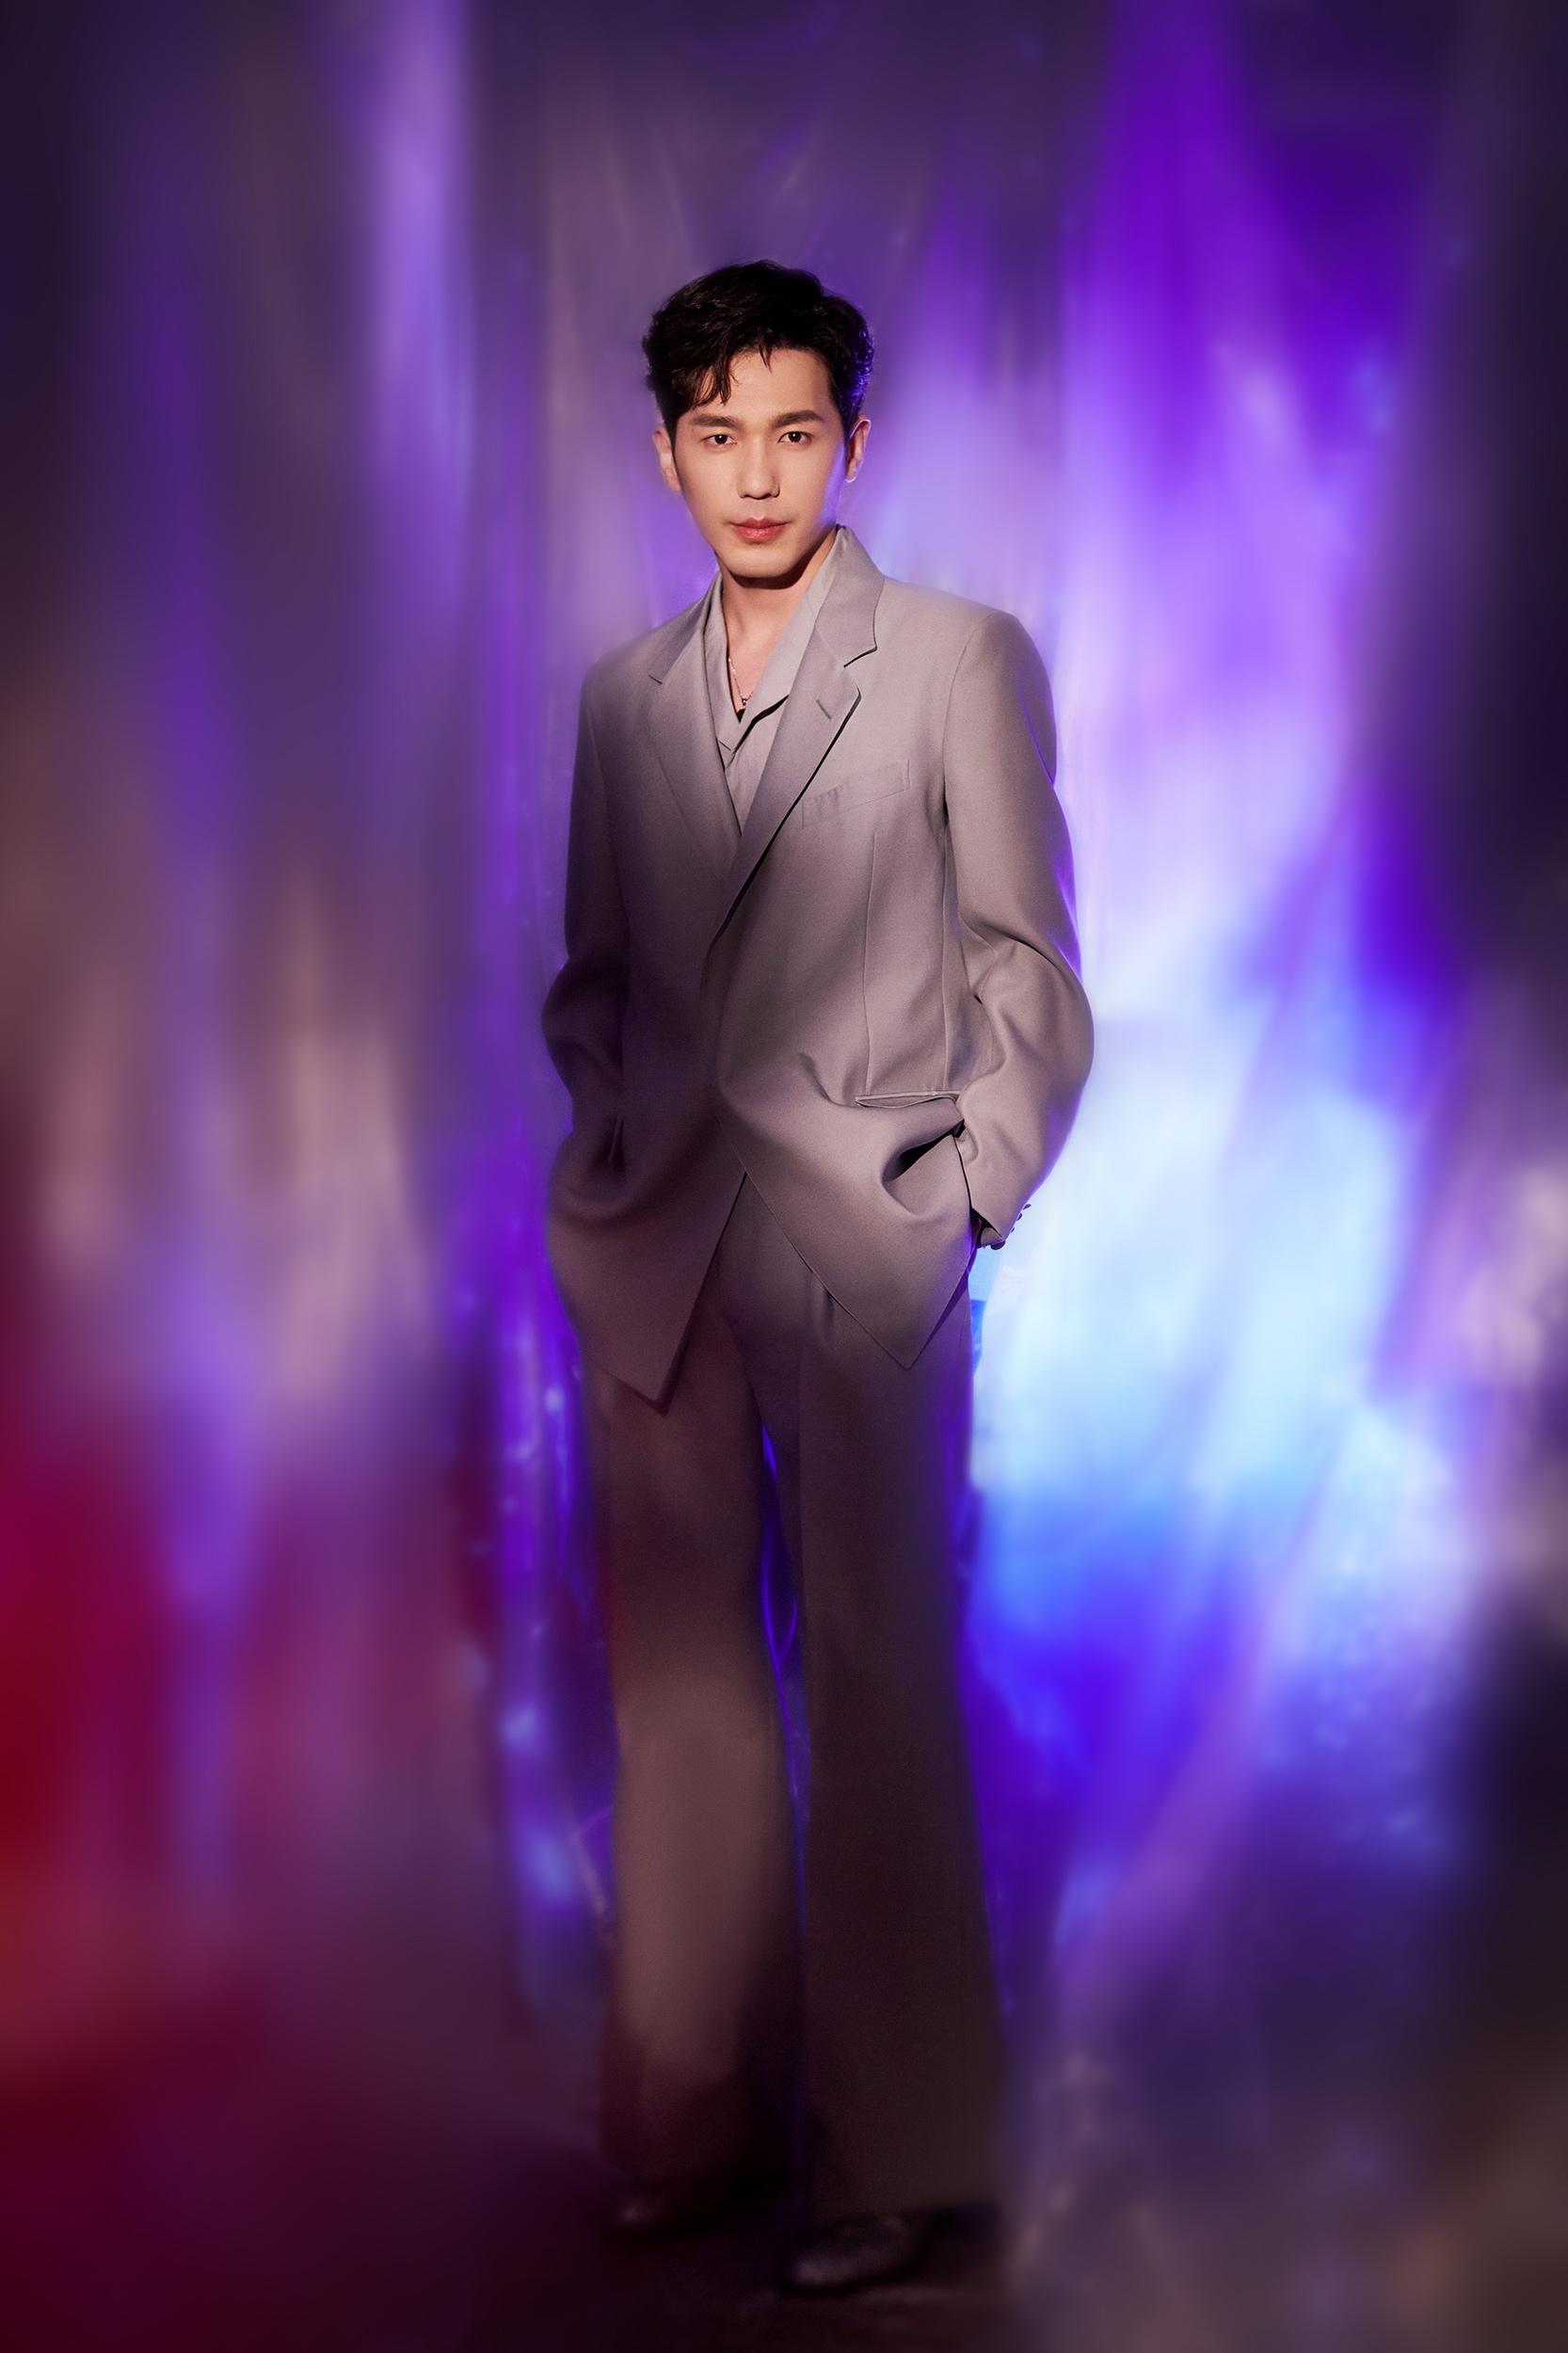 白宇荣获年度突破电影演员角色表现力备受认可_银河